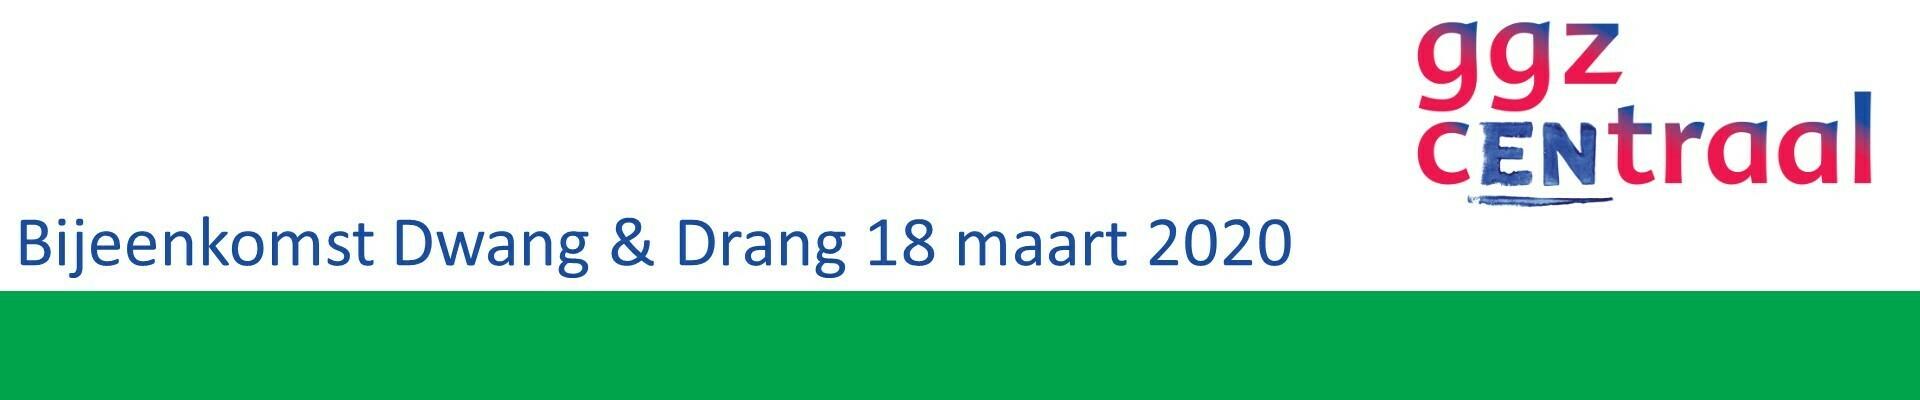 Bijeenkomst Dwang & Drang 18 maart 2020